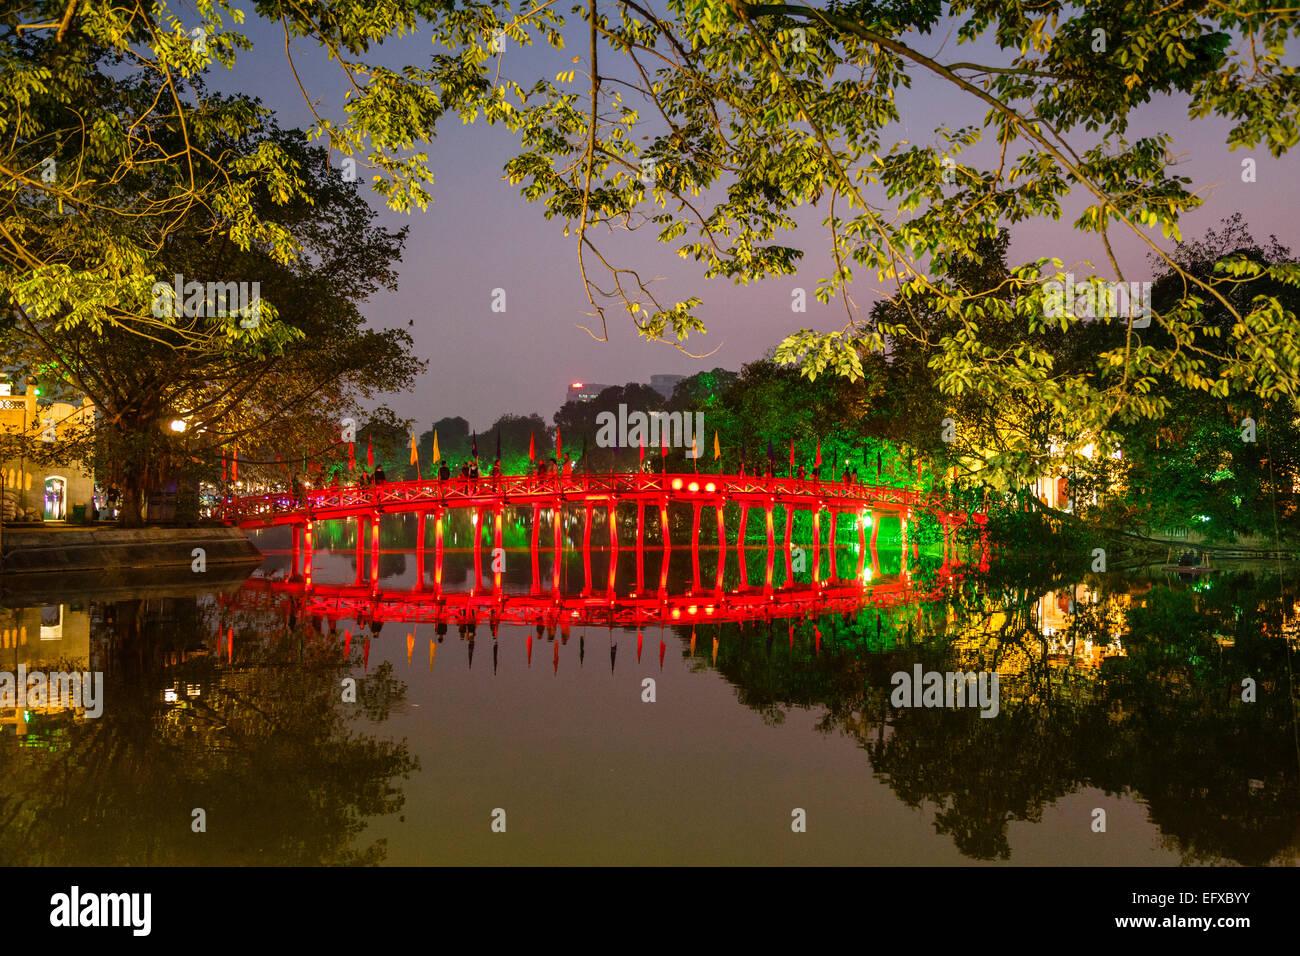 Lac Hoan Kiem, dans le vieux quartier de Hanoi, Vietnam. Photo Stock